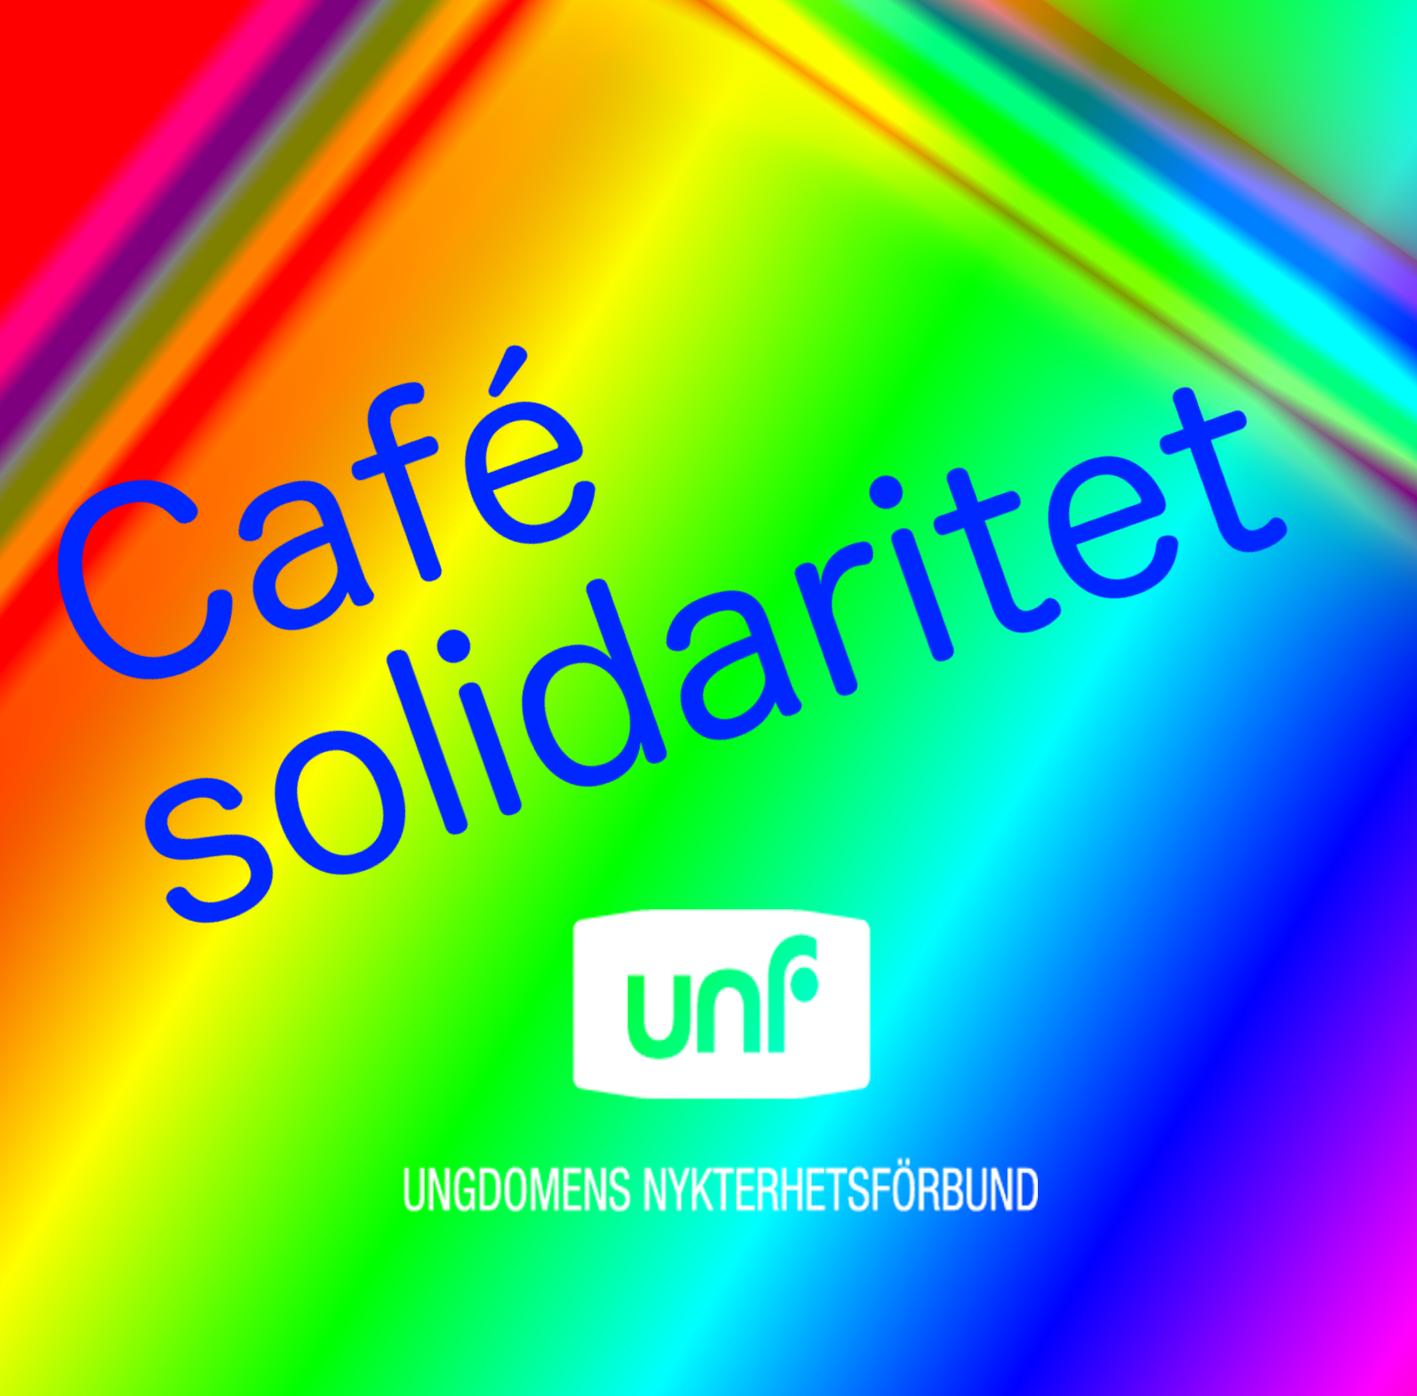 Café solidaritet